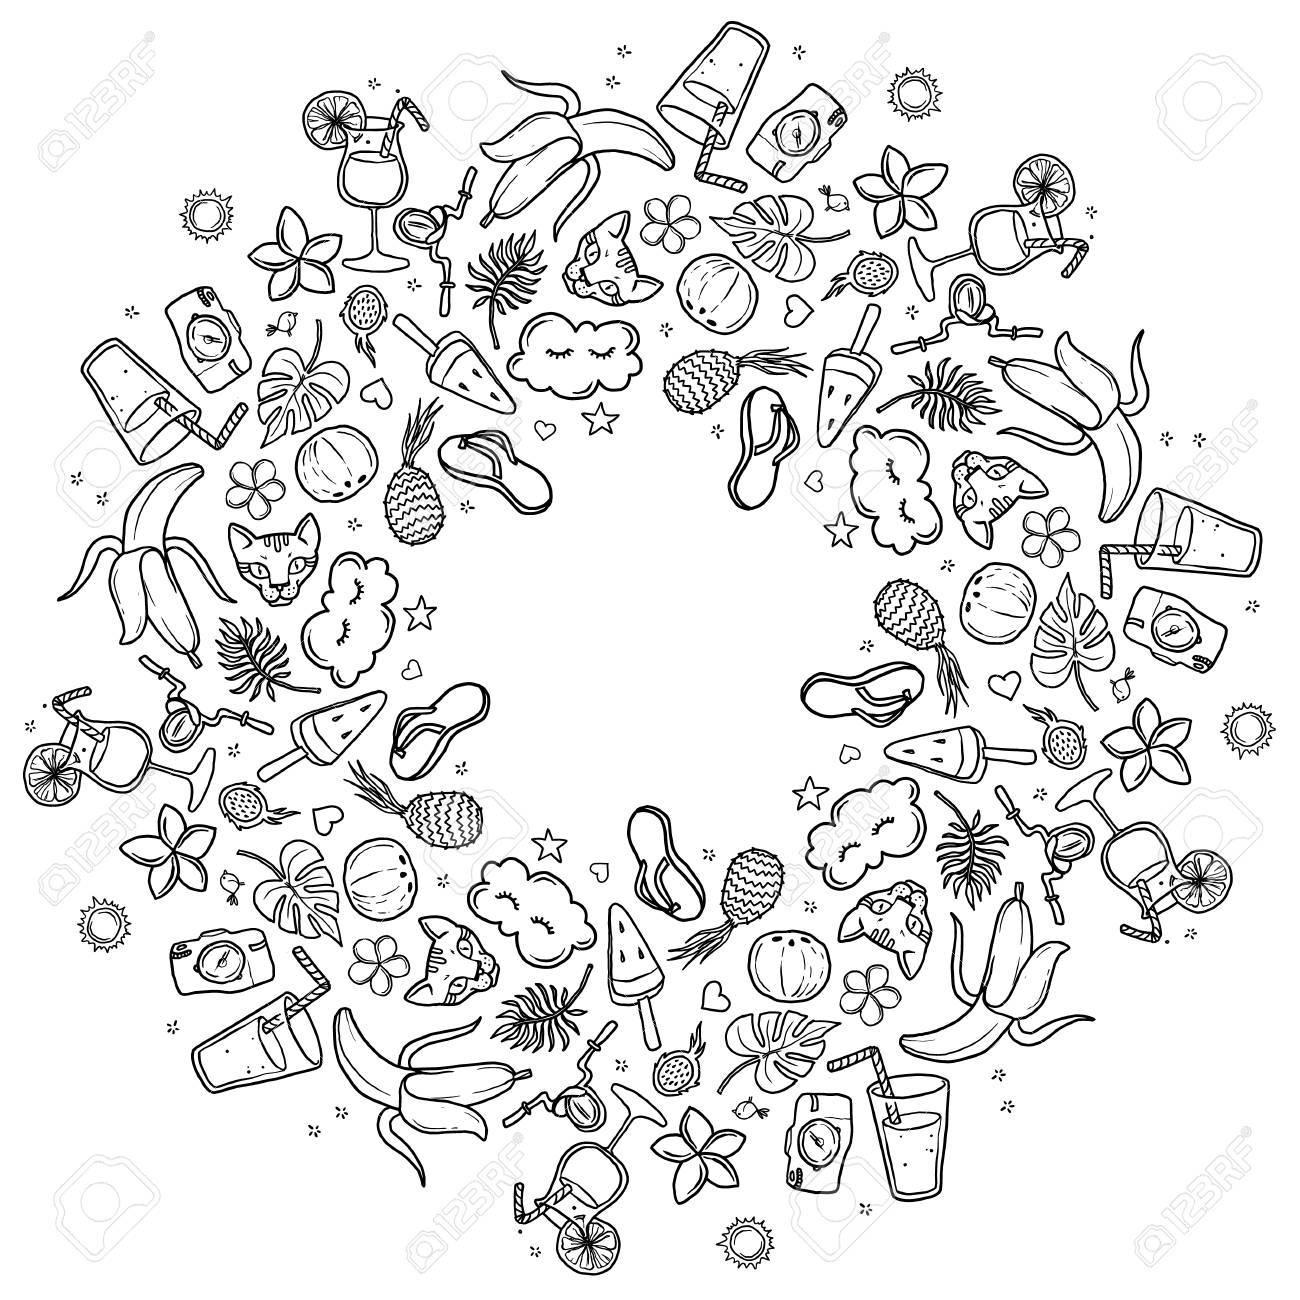 Vignette Ronde Cadre Rond D été été Mandala Contour Dessiné à La Main Sur Un Fond Blanc Pour Les Enfants à Colorier Livre De Coloriage Anti Stress